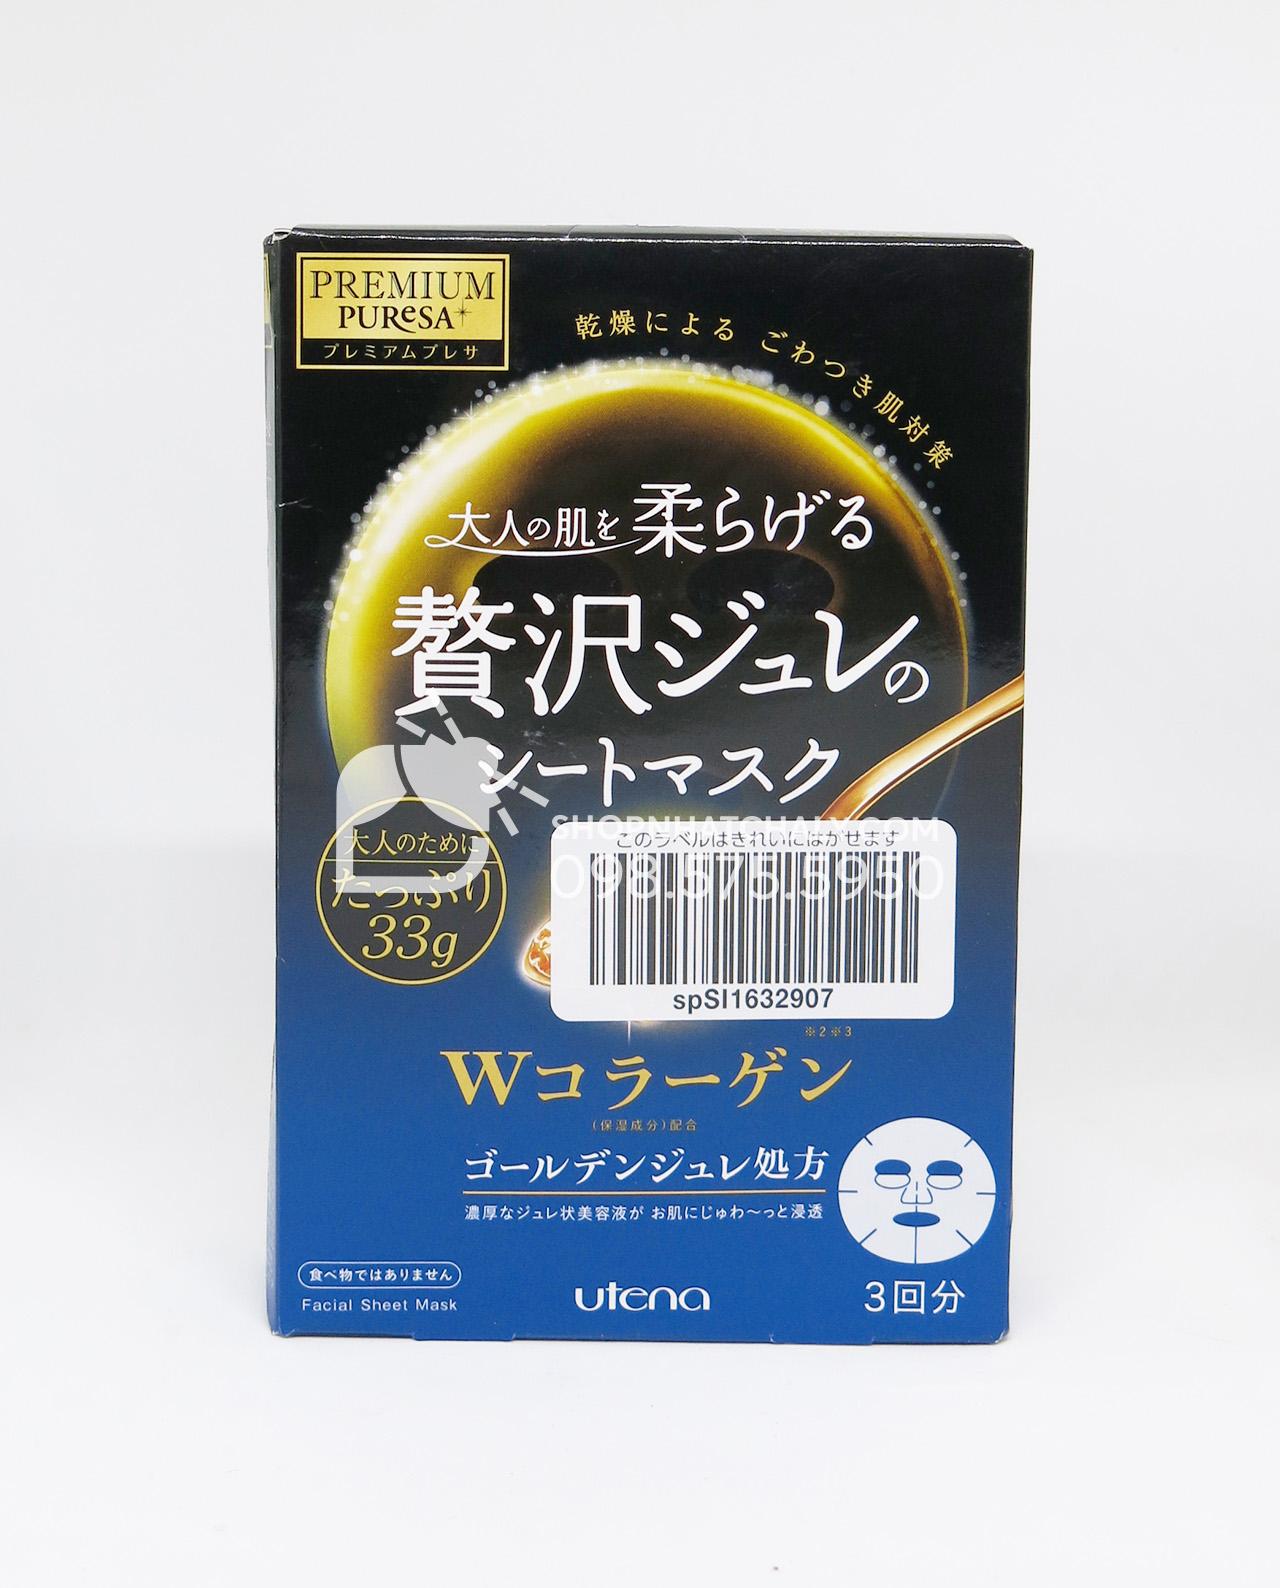 Mặt nạ thạch vàng W Collagen của Utena Nhật